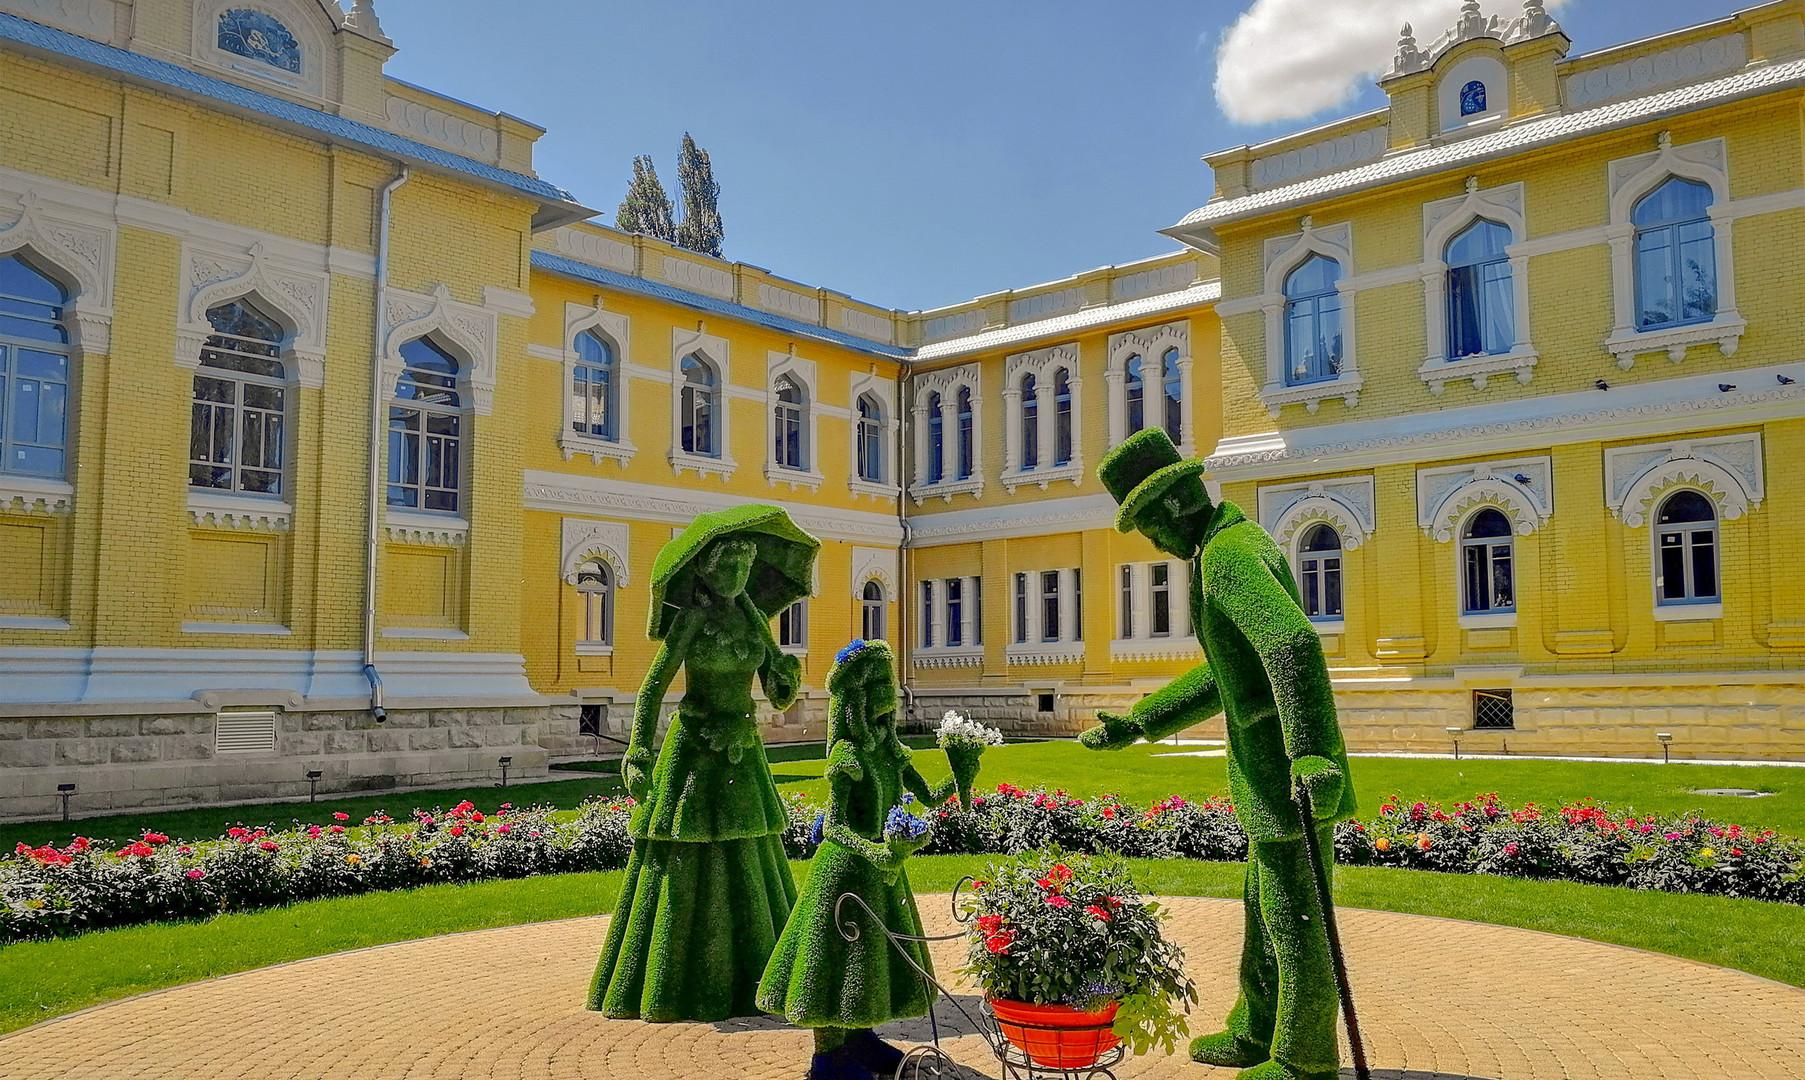 Цветочные композиции на Курортном бульваре, Кисловодск